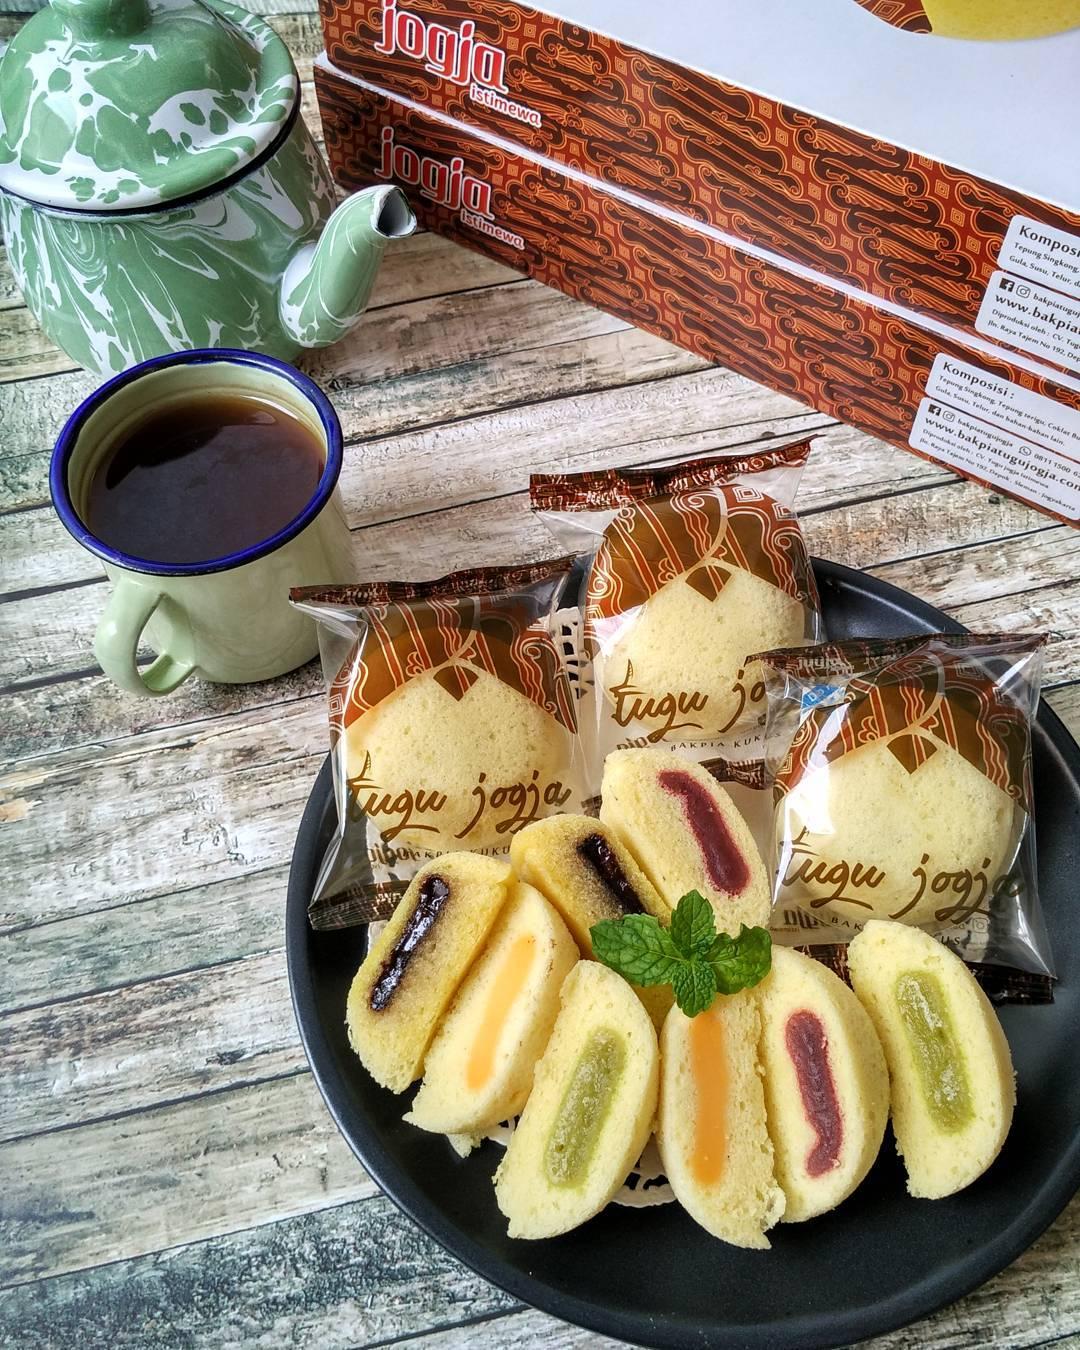 Bakpia Kukus Tugu Jogja, Yogyakarta, Dolan Dolen, Dolaners Bakpia Kukus Tugu Jogja via dhita nurlitasari - Dolan Dolen